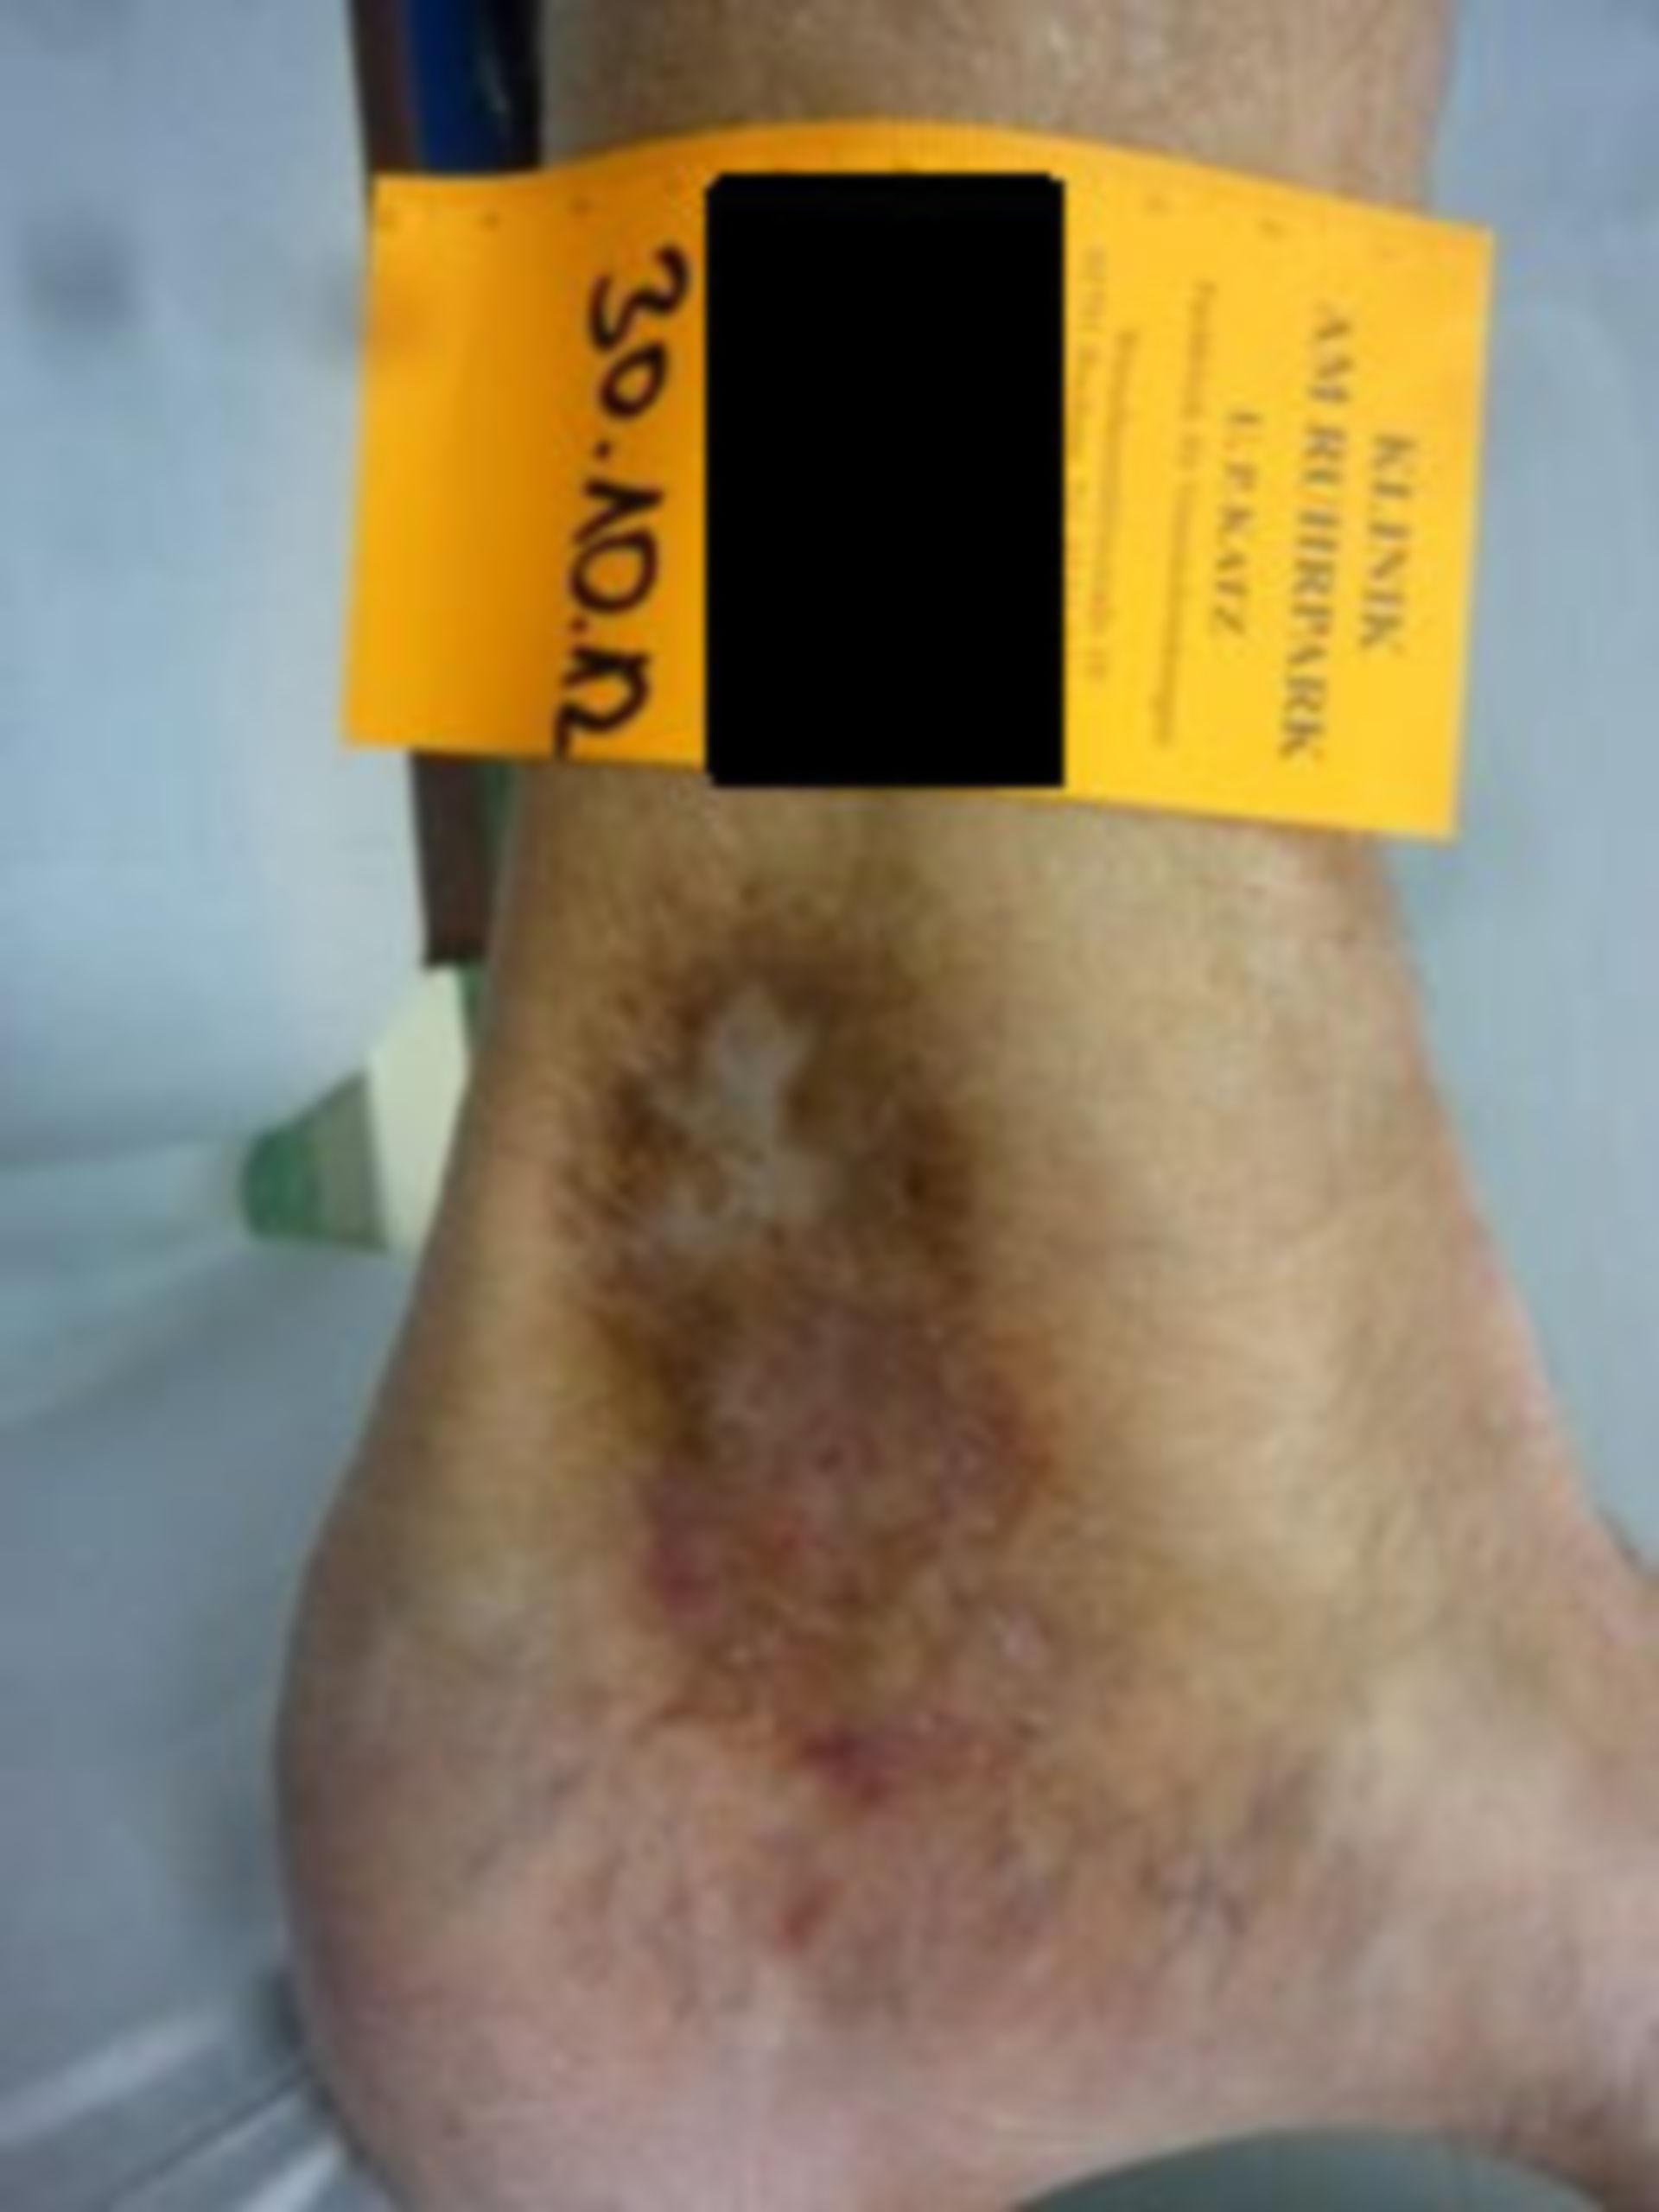 IVC con úlcera de atrofia blanca (06) progreso de curación, 30.10.2012